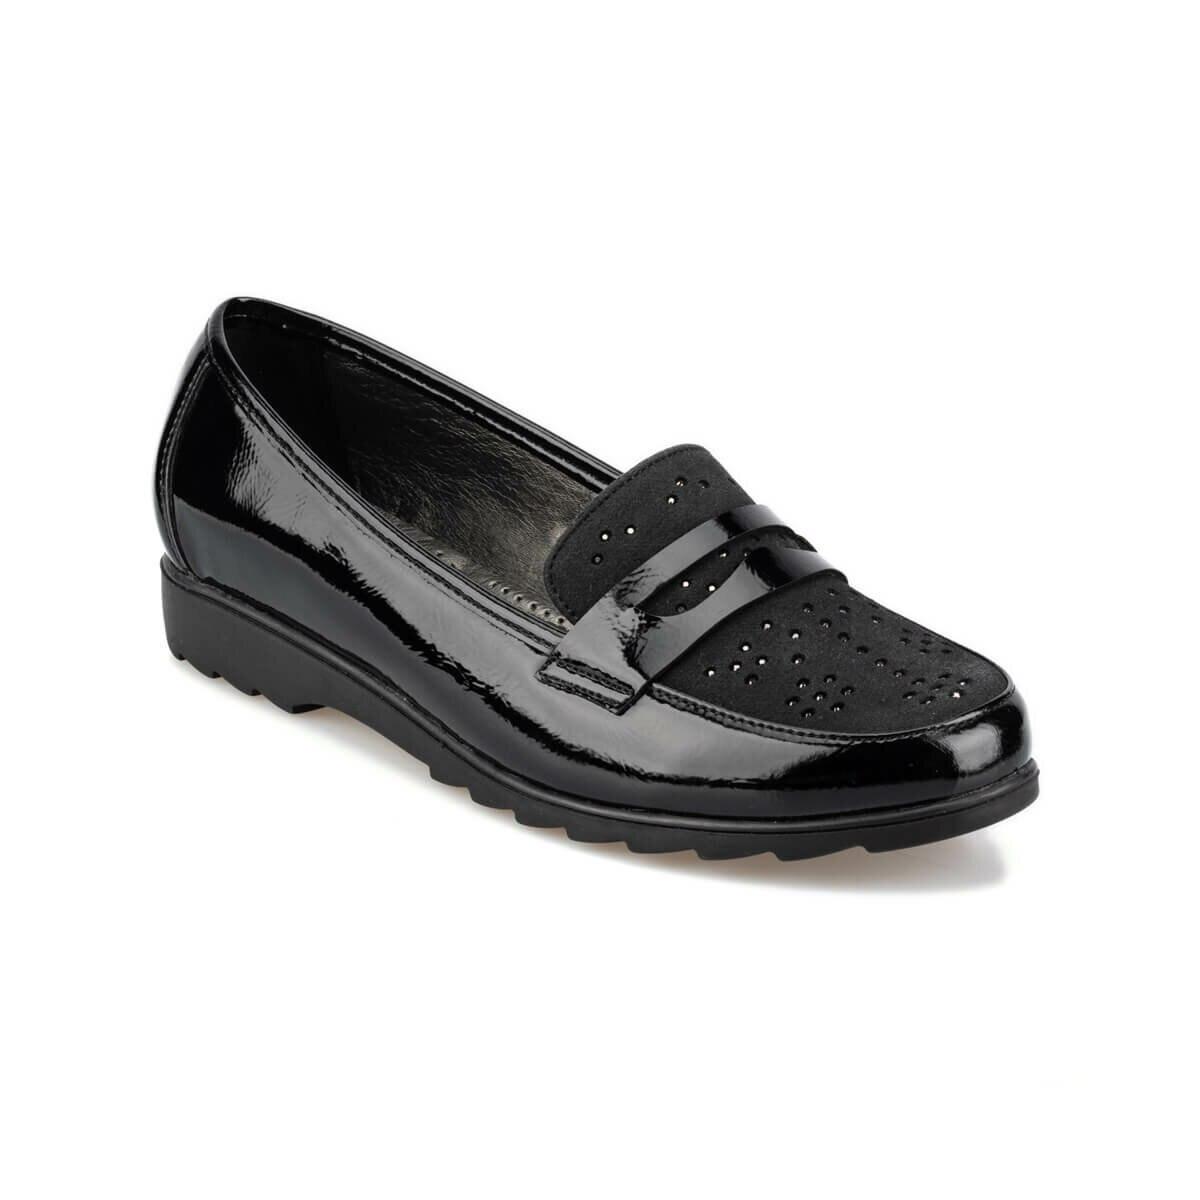 FLO 92.151007RZ Black Women Loafer Shoes Polaris